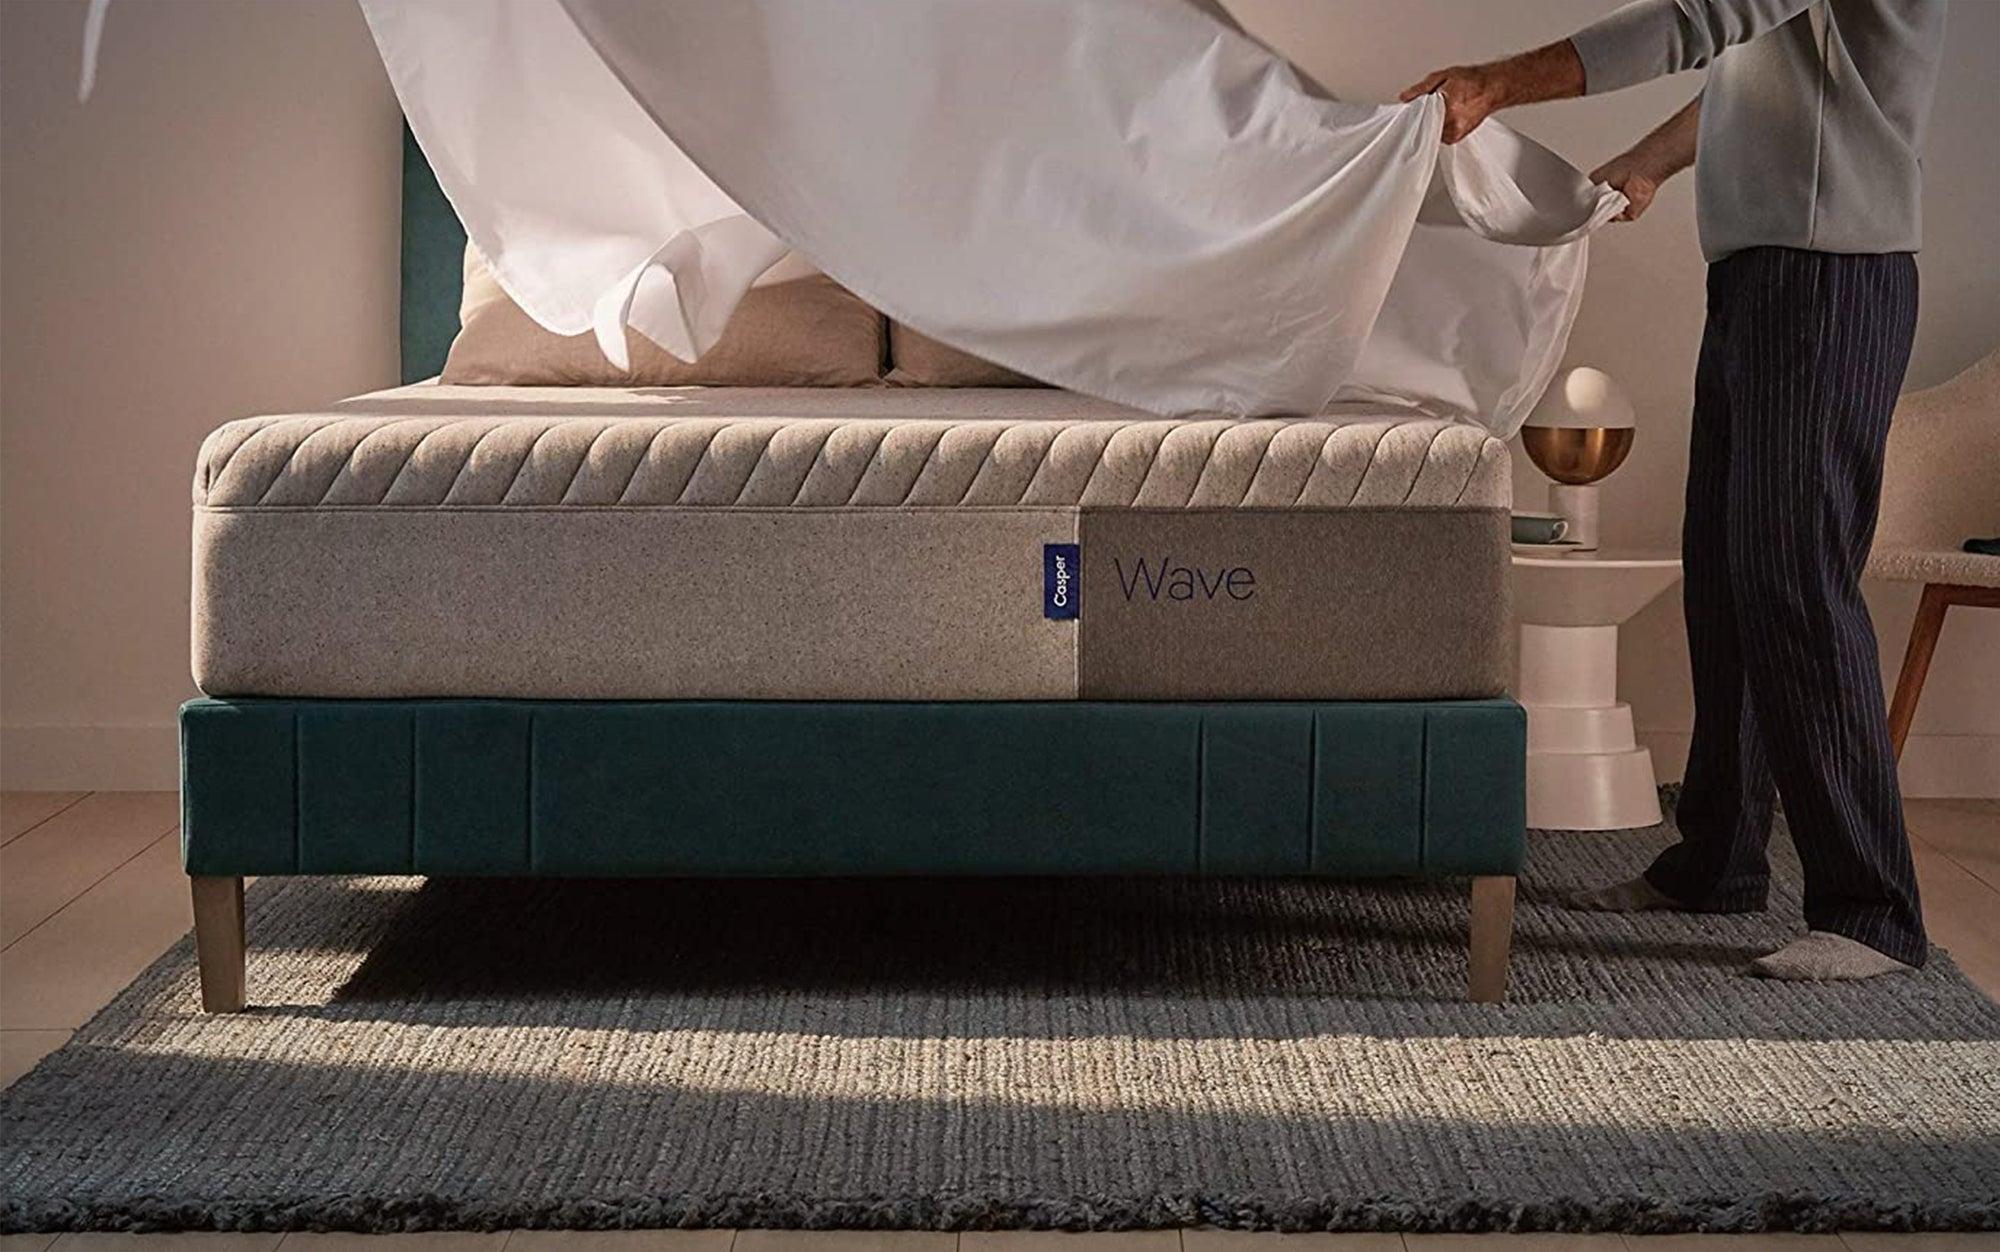 Casper Sleep Wave Foam Mattress is the best mattress for back pain.